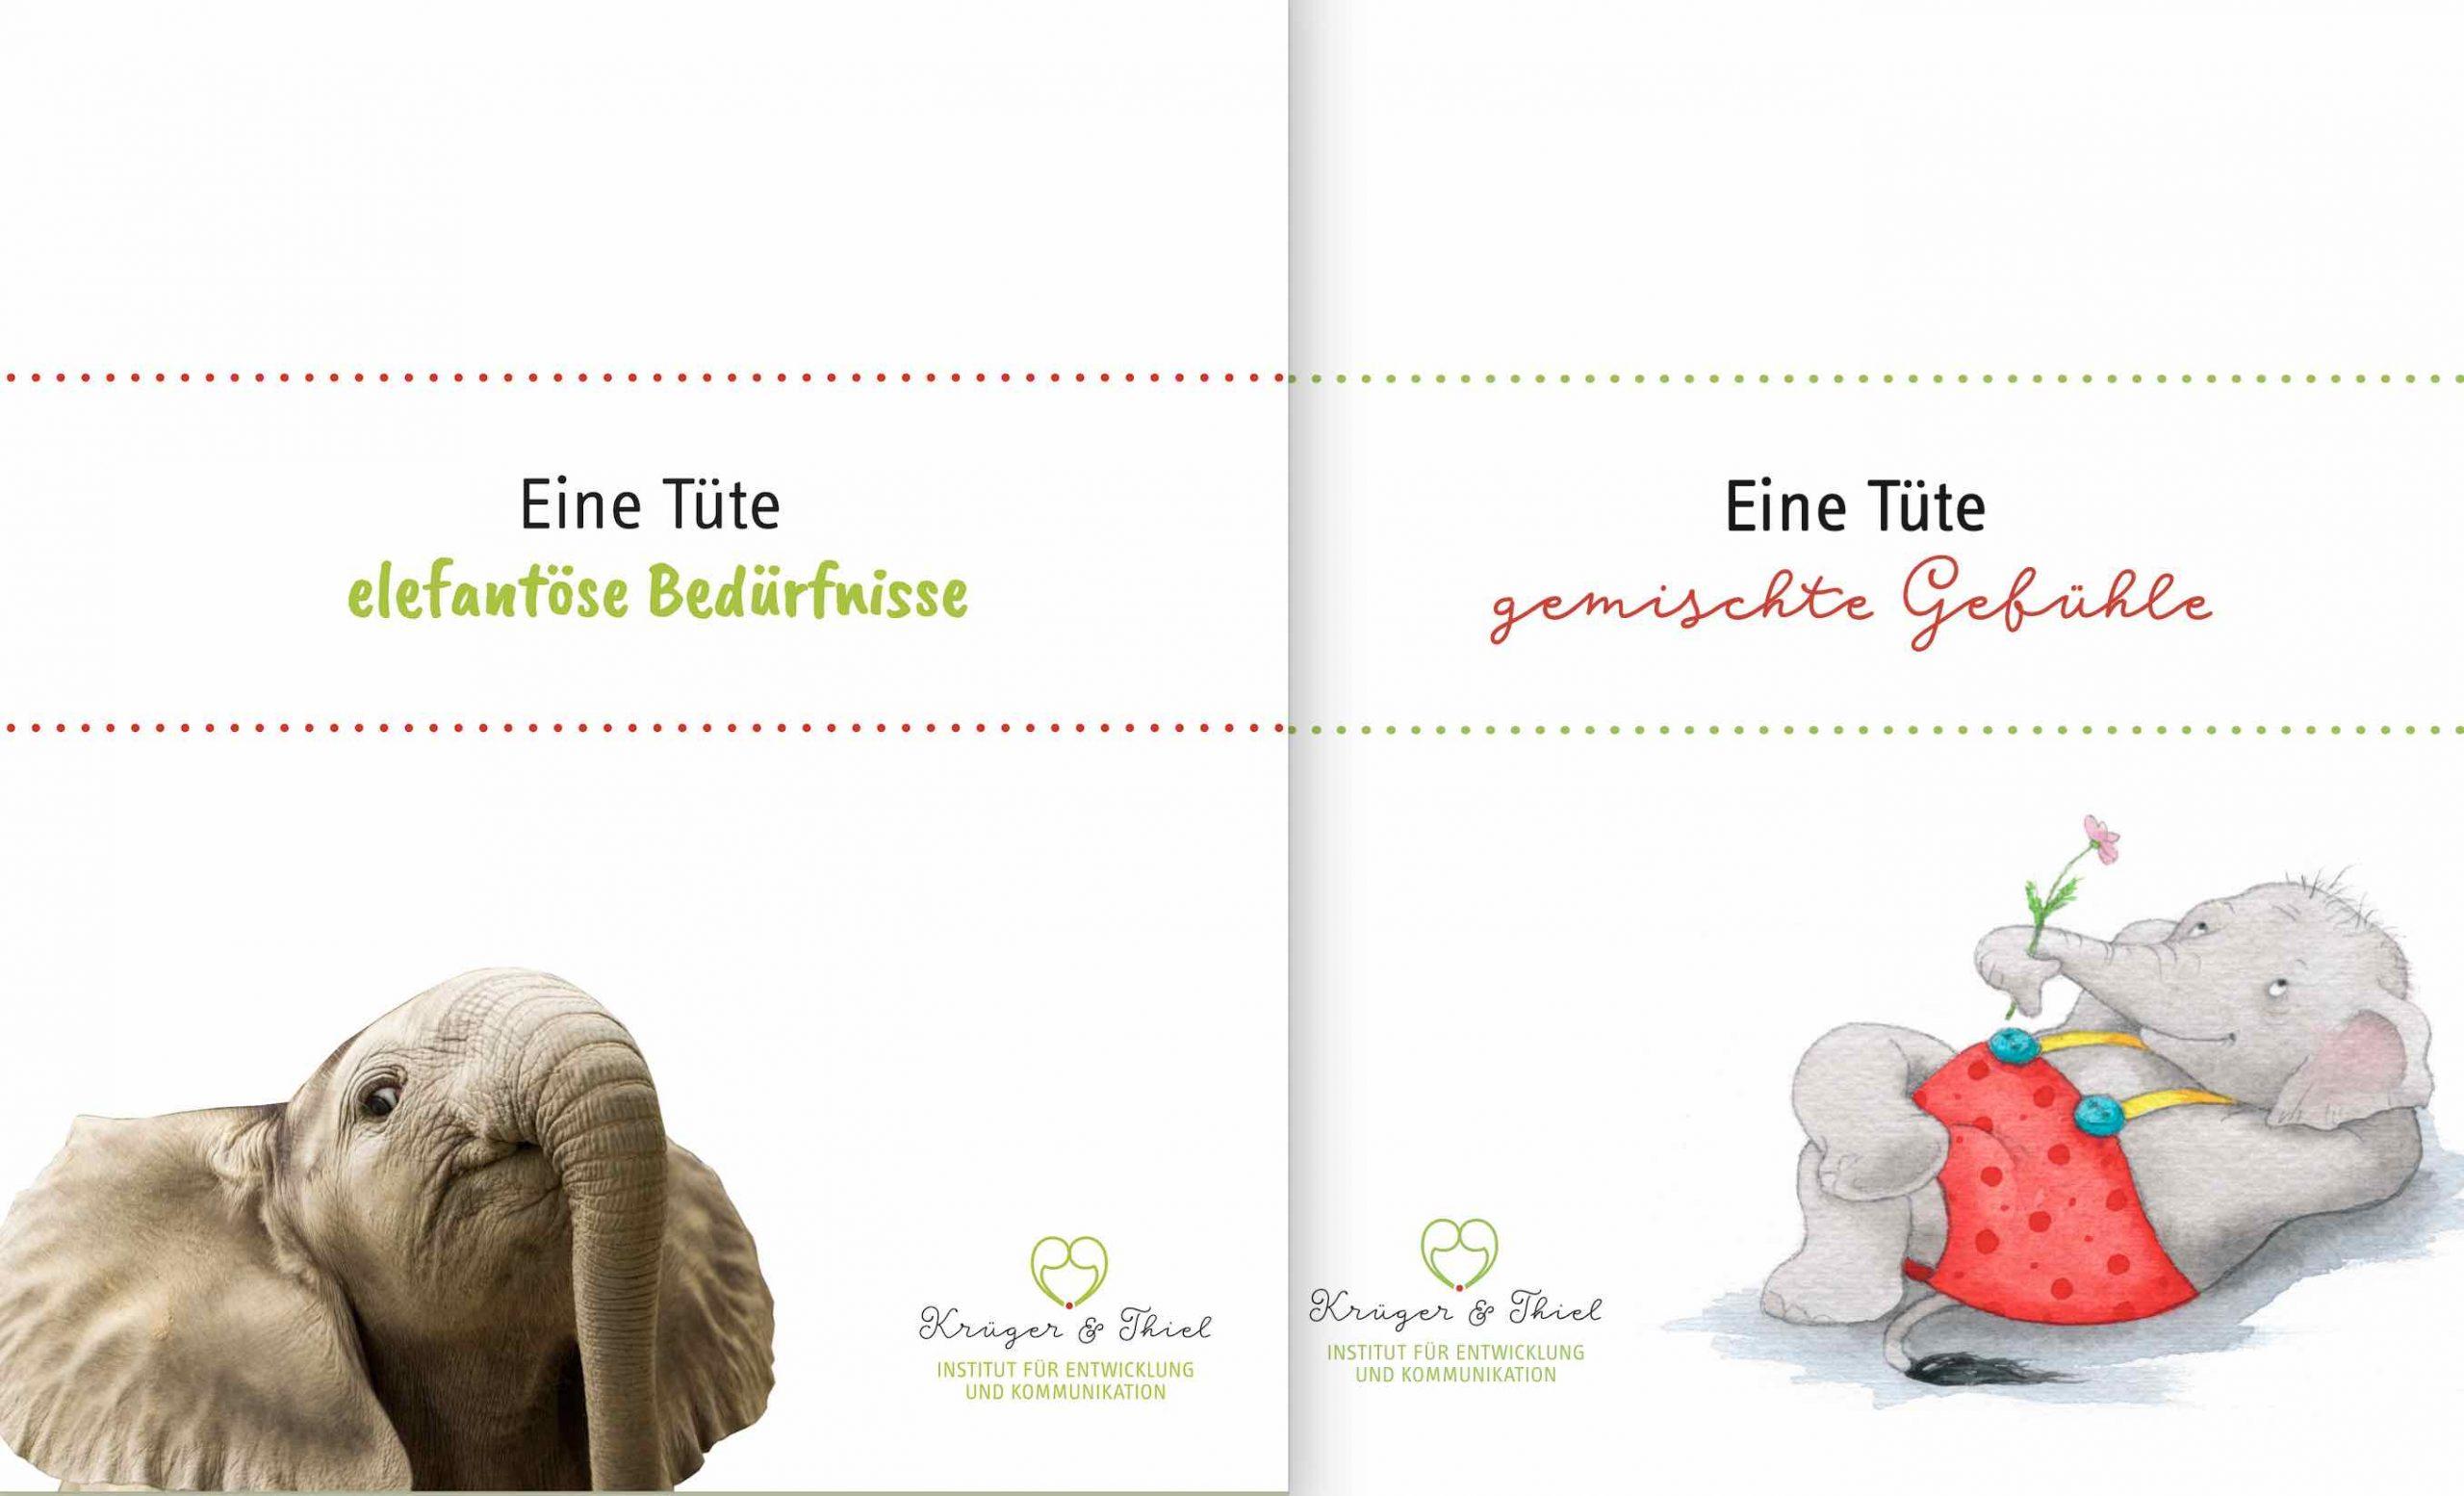 Gemischte elefantöse Tüten